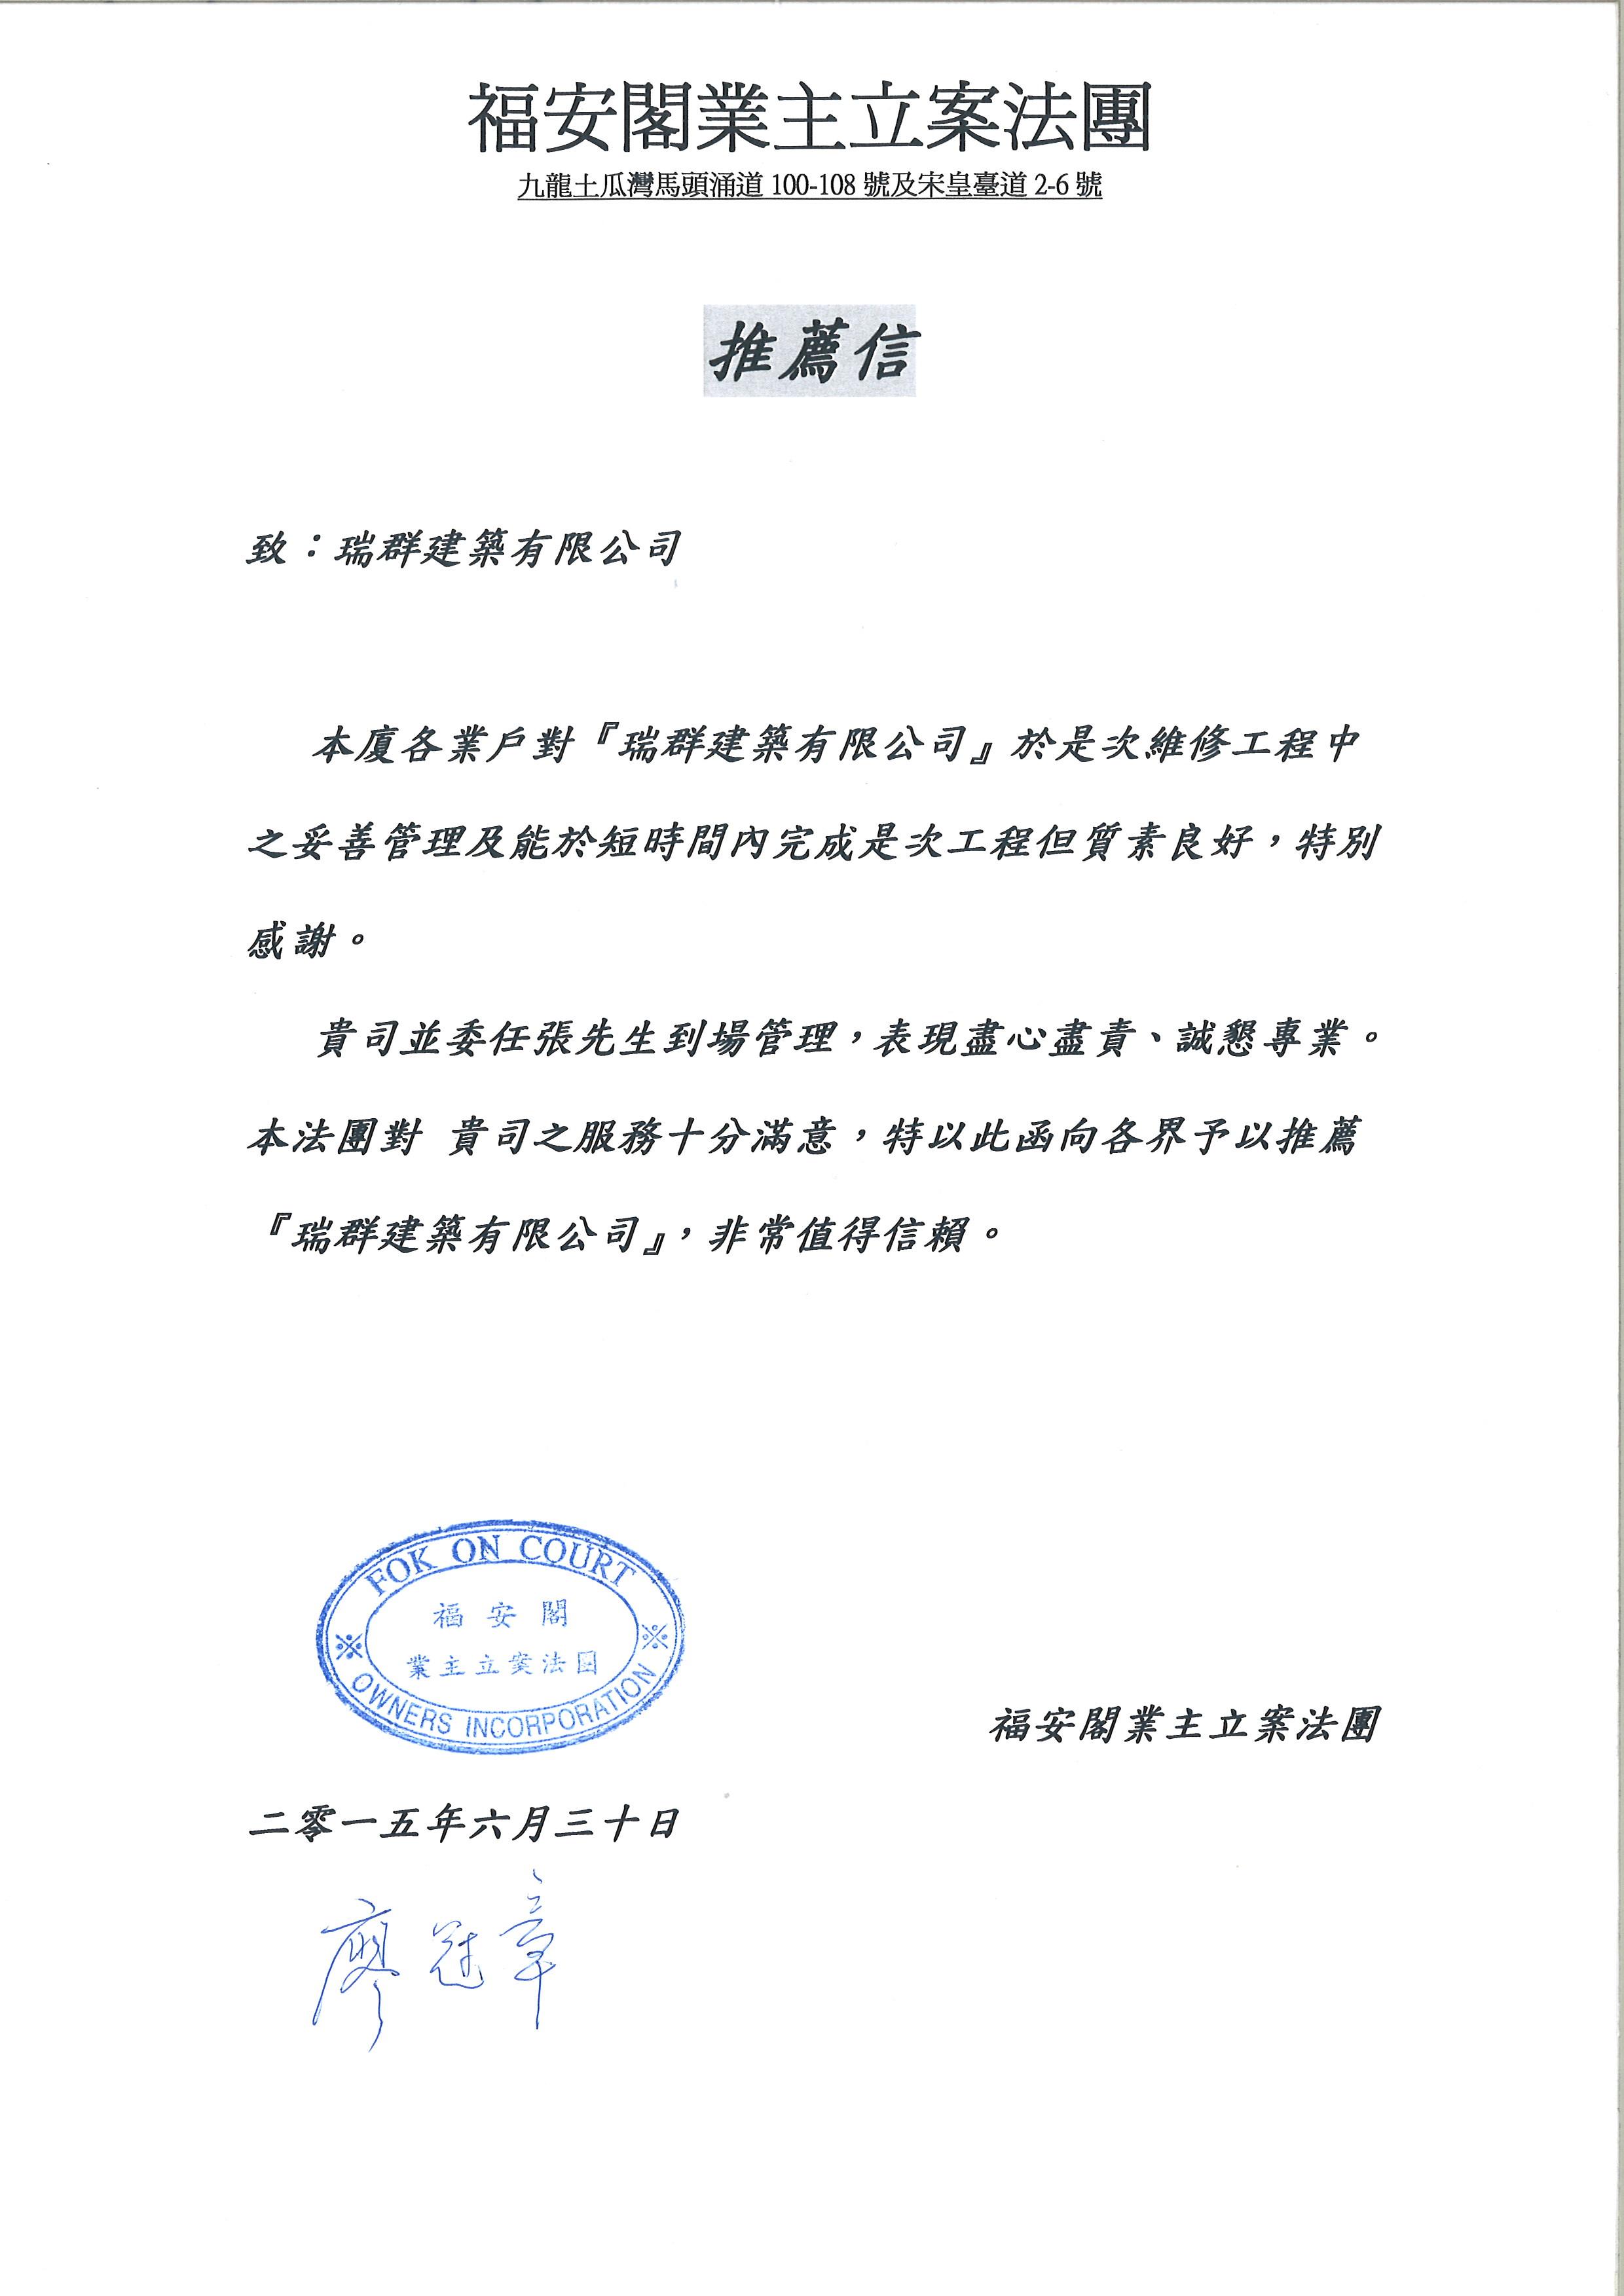 福安閣推薦信